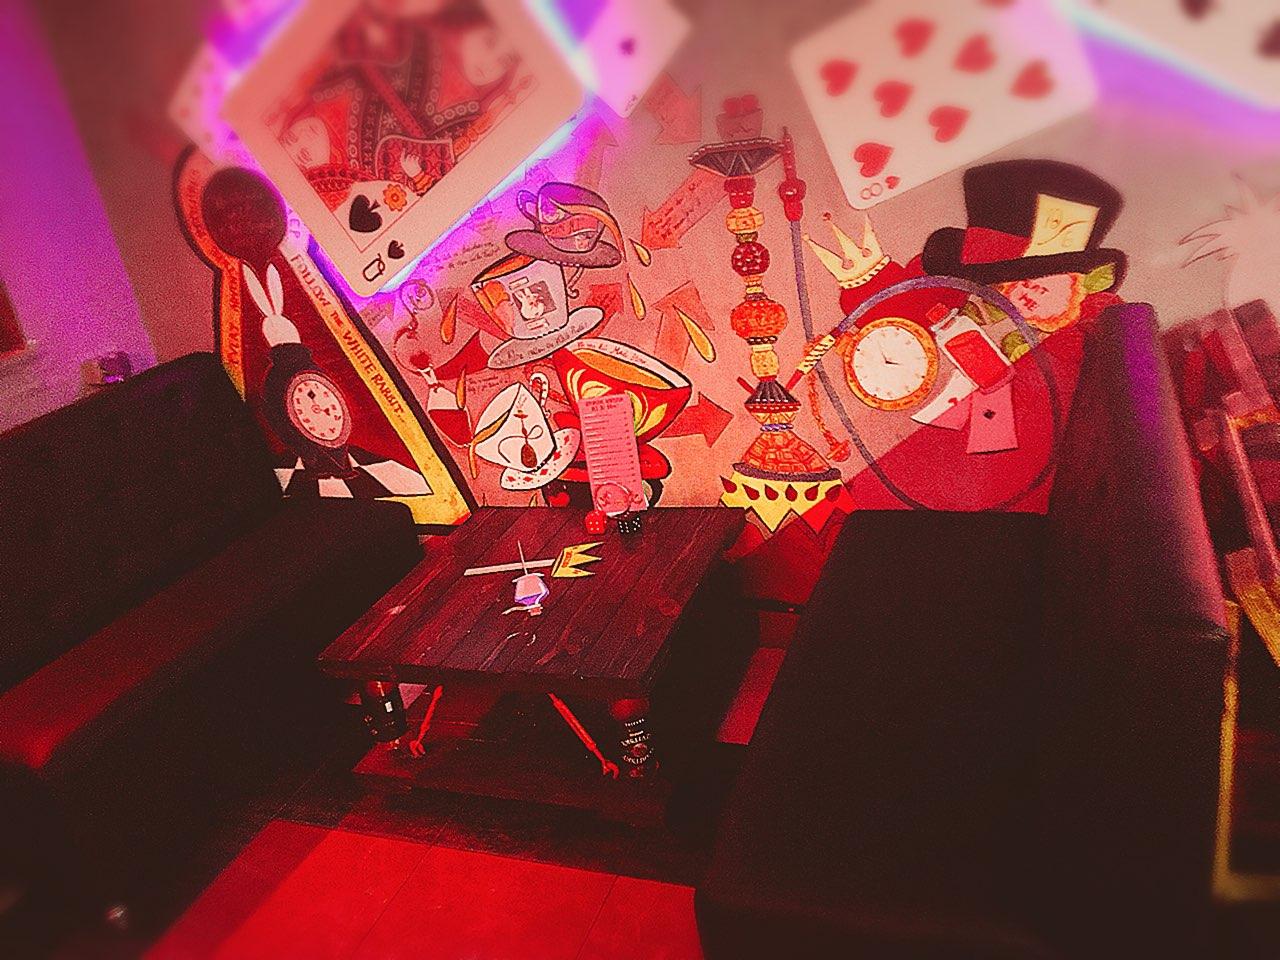 кальян бар киев, где покурить кальян киев, начало лета киев, вечеринка киев, лучший кальян киев, кальянная киев (4)